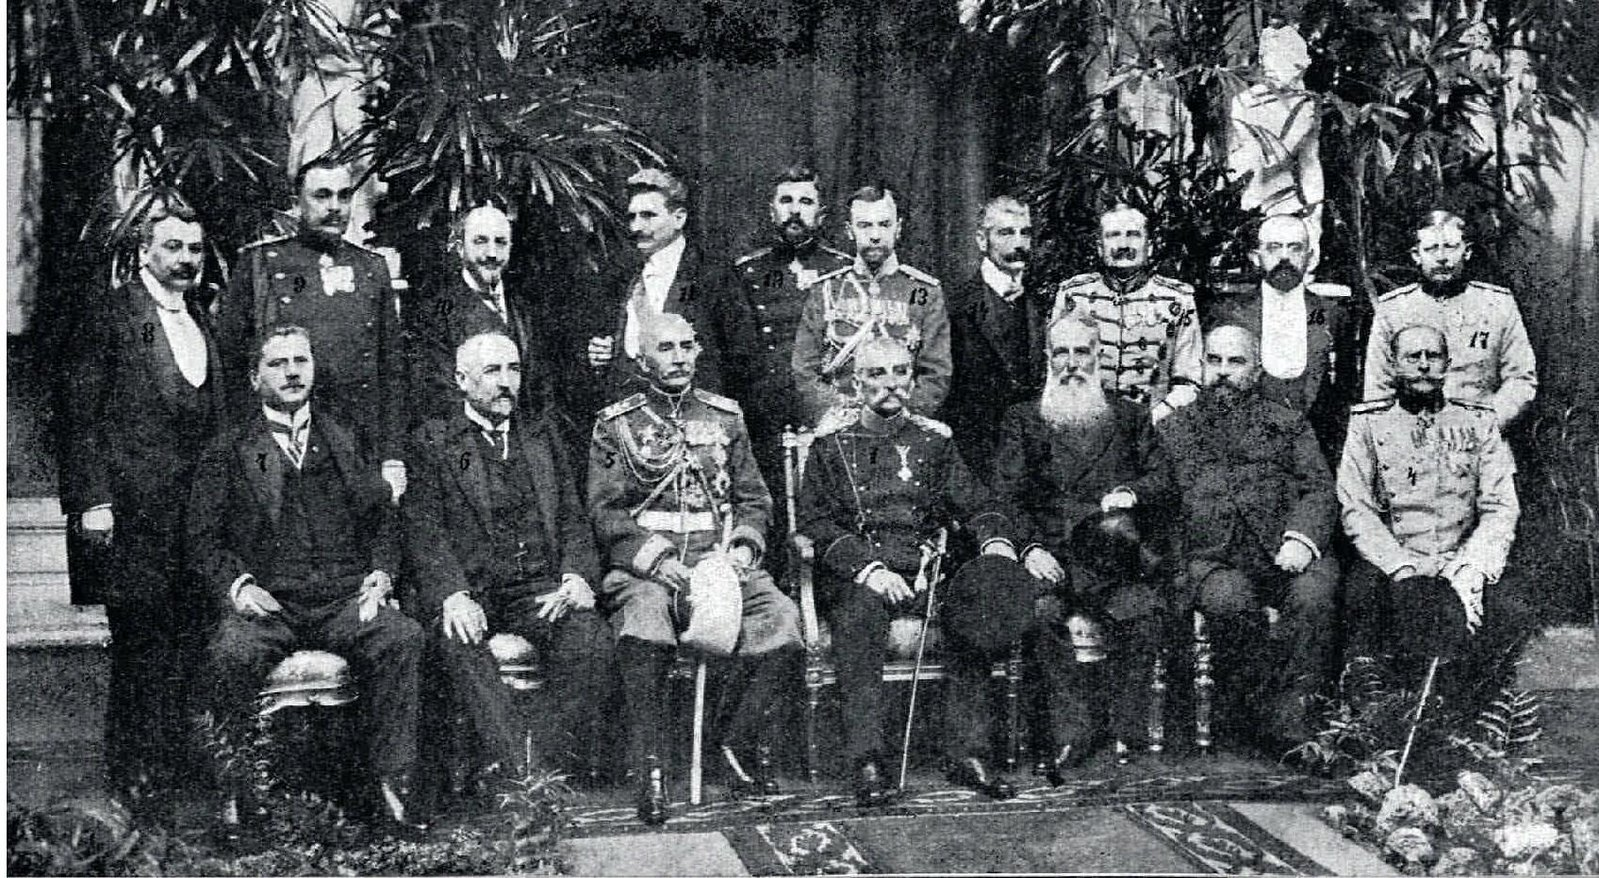 1910. Король Сербии Пётр I Карагеоргиевич со свитой